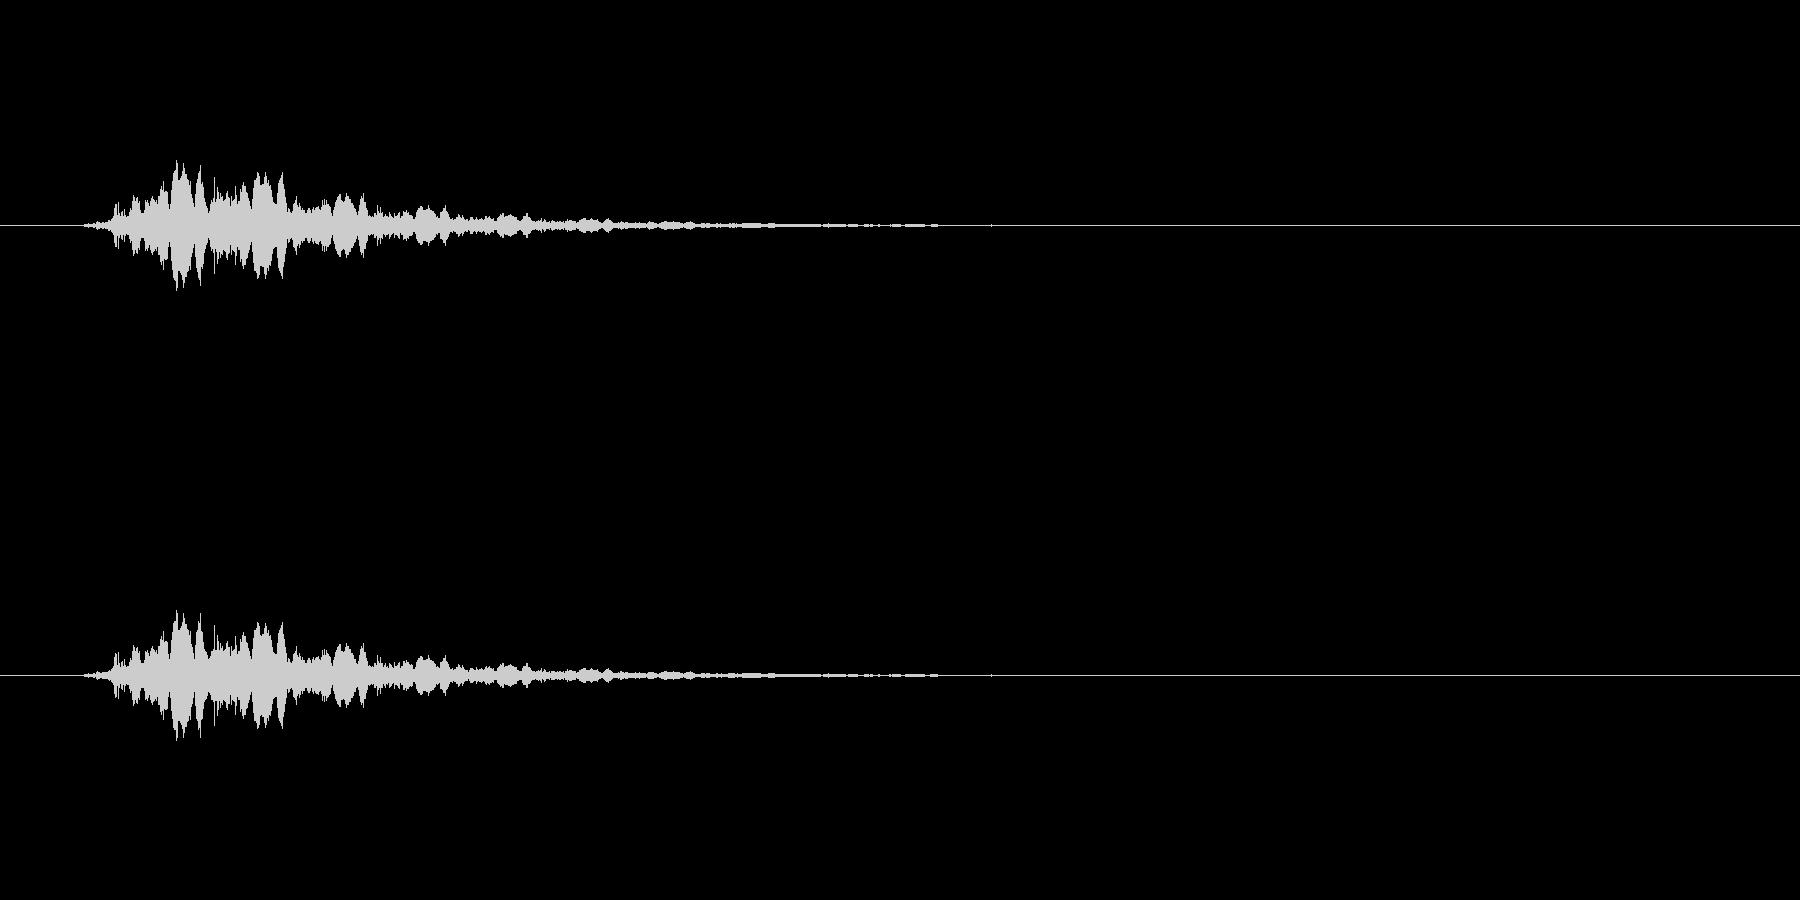 【ポップモーション26-3】の未再生の波形